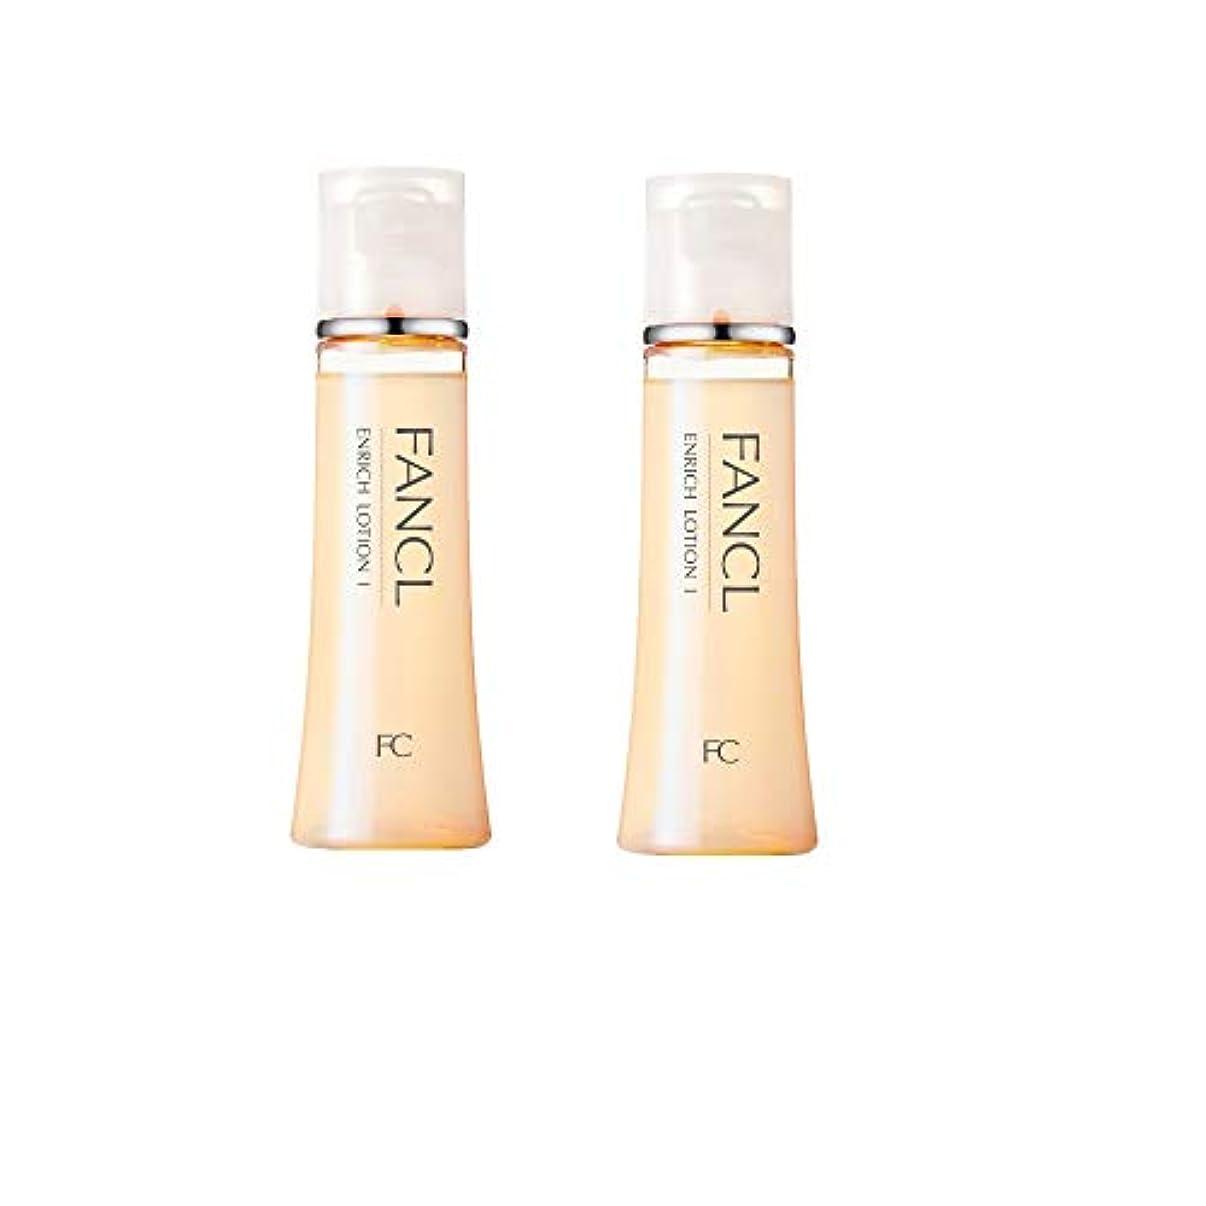 早める優雅シビックファンケル (FANCL) エンリッチ 化粧液I さっぱり 2本セット 30mL×2 (約60日分)